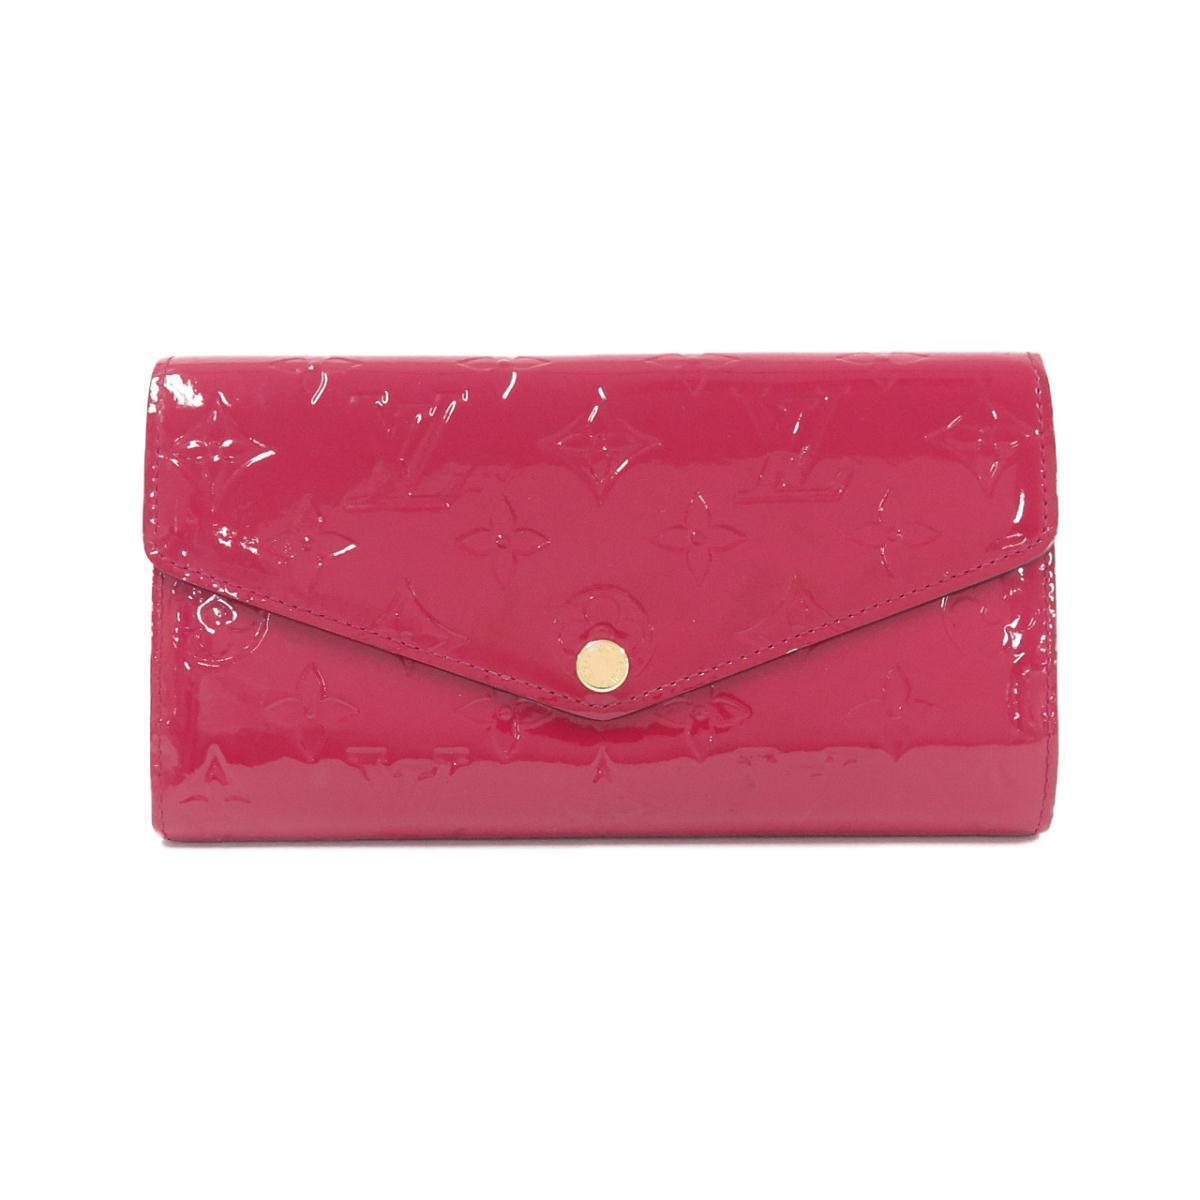 ルイ・ヴィトンのヴェルニ長財布